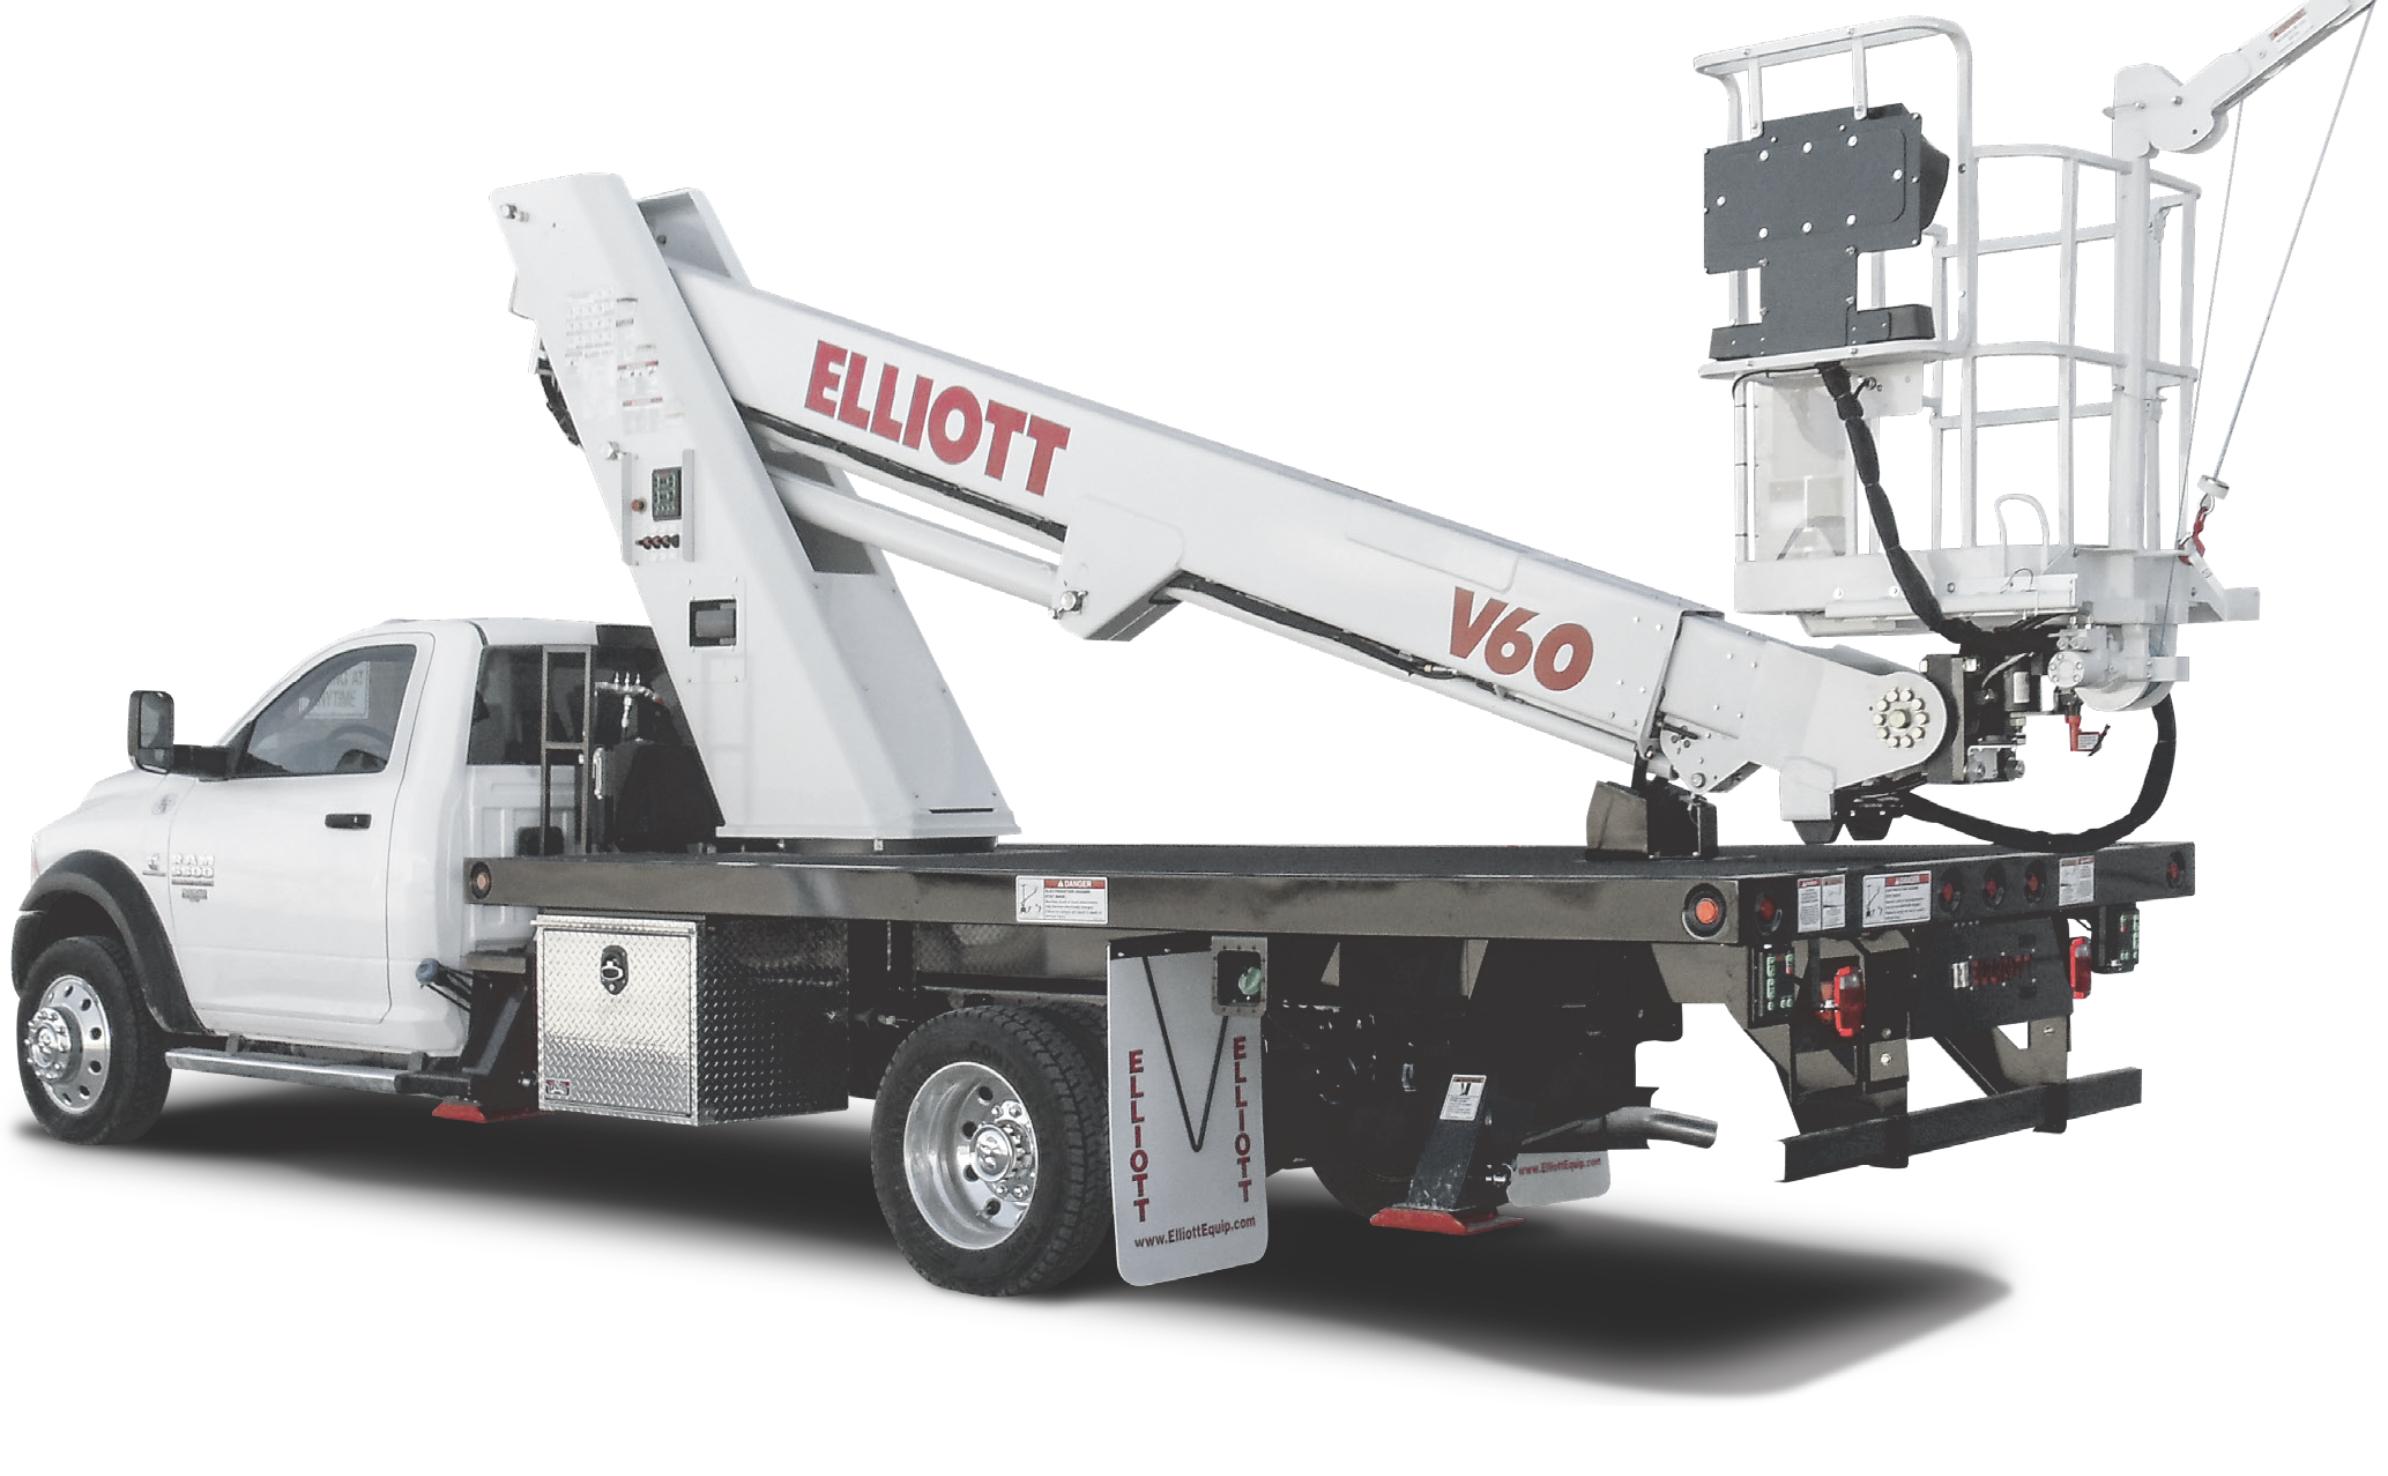 Diadon Enterprises - Elliott's new V60 material handling aerial work